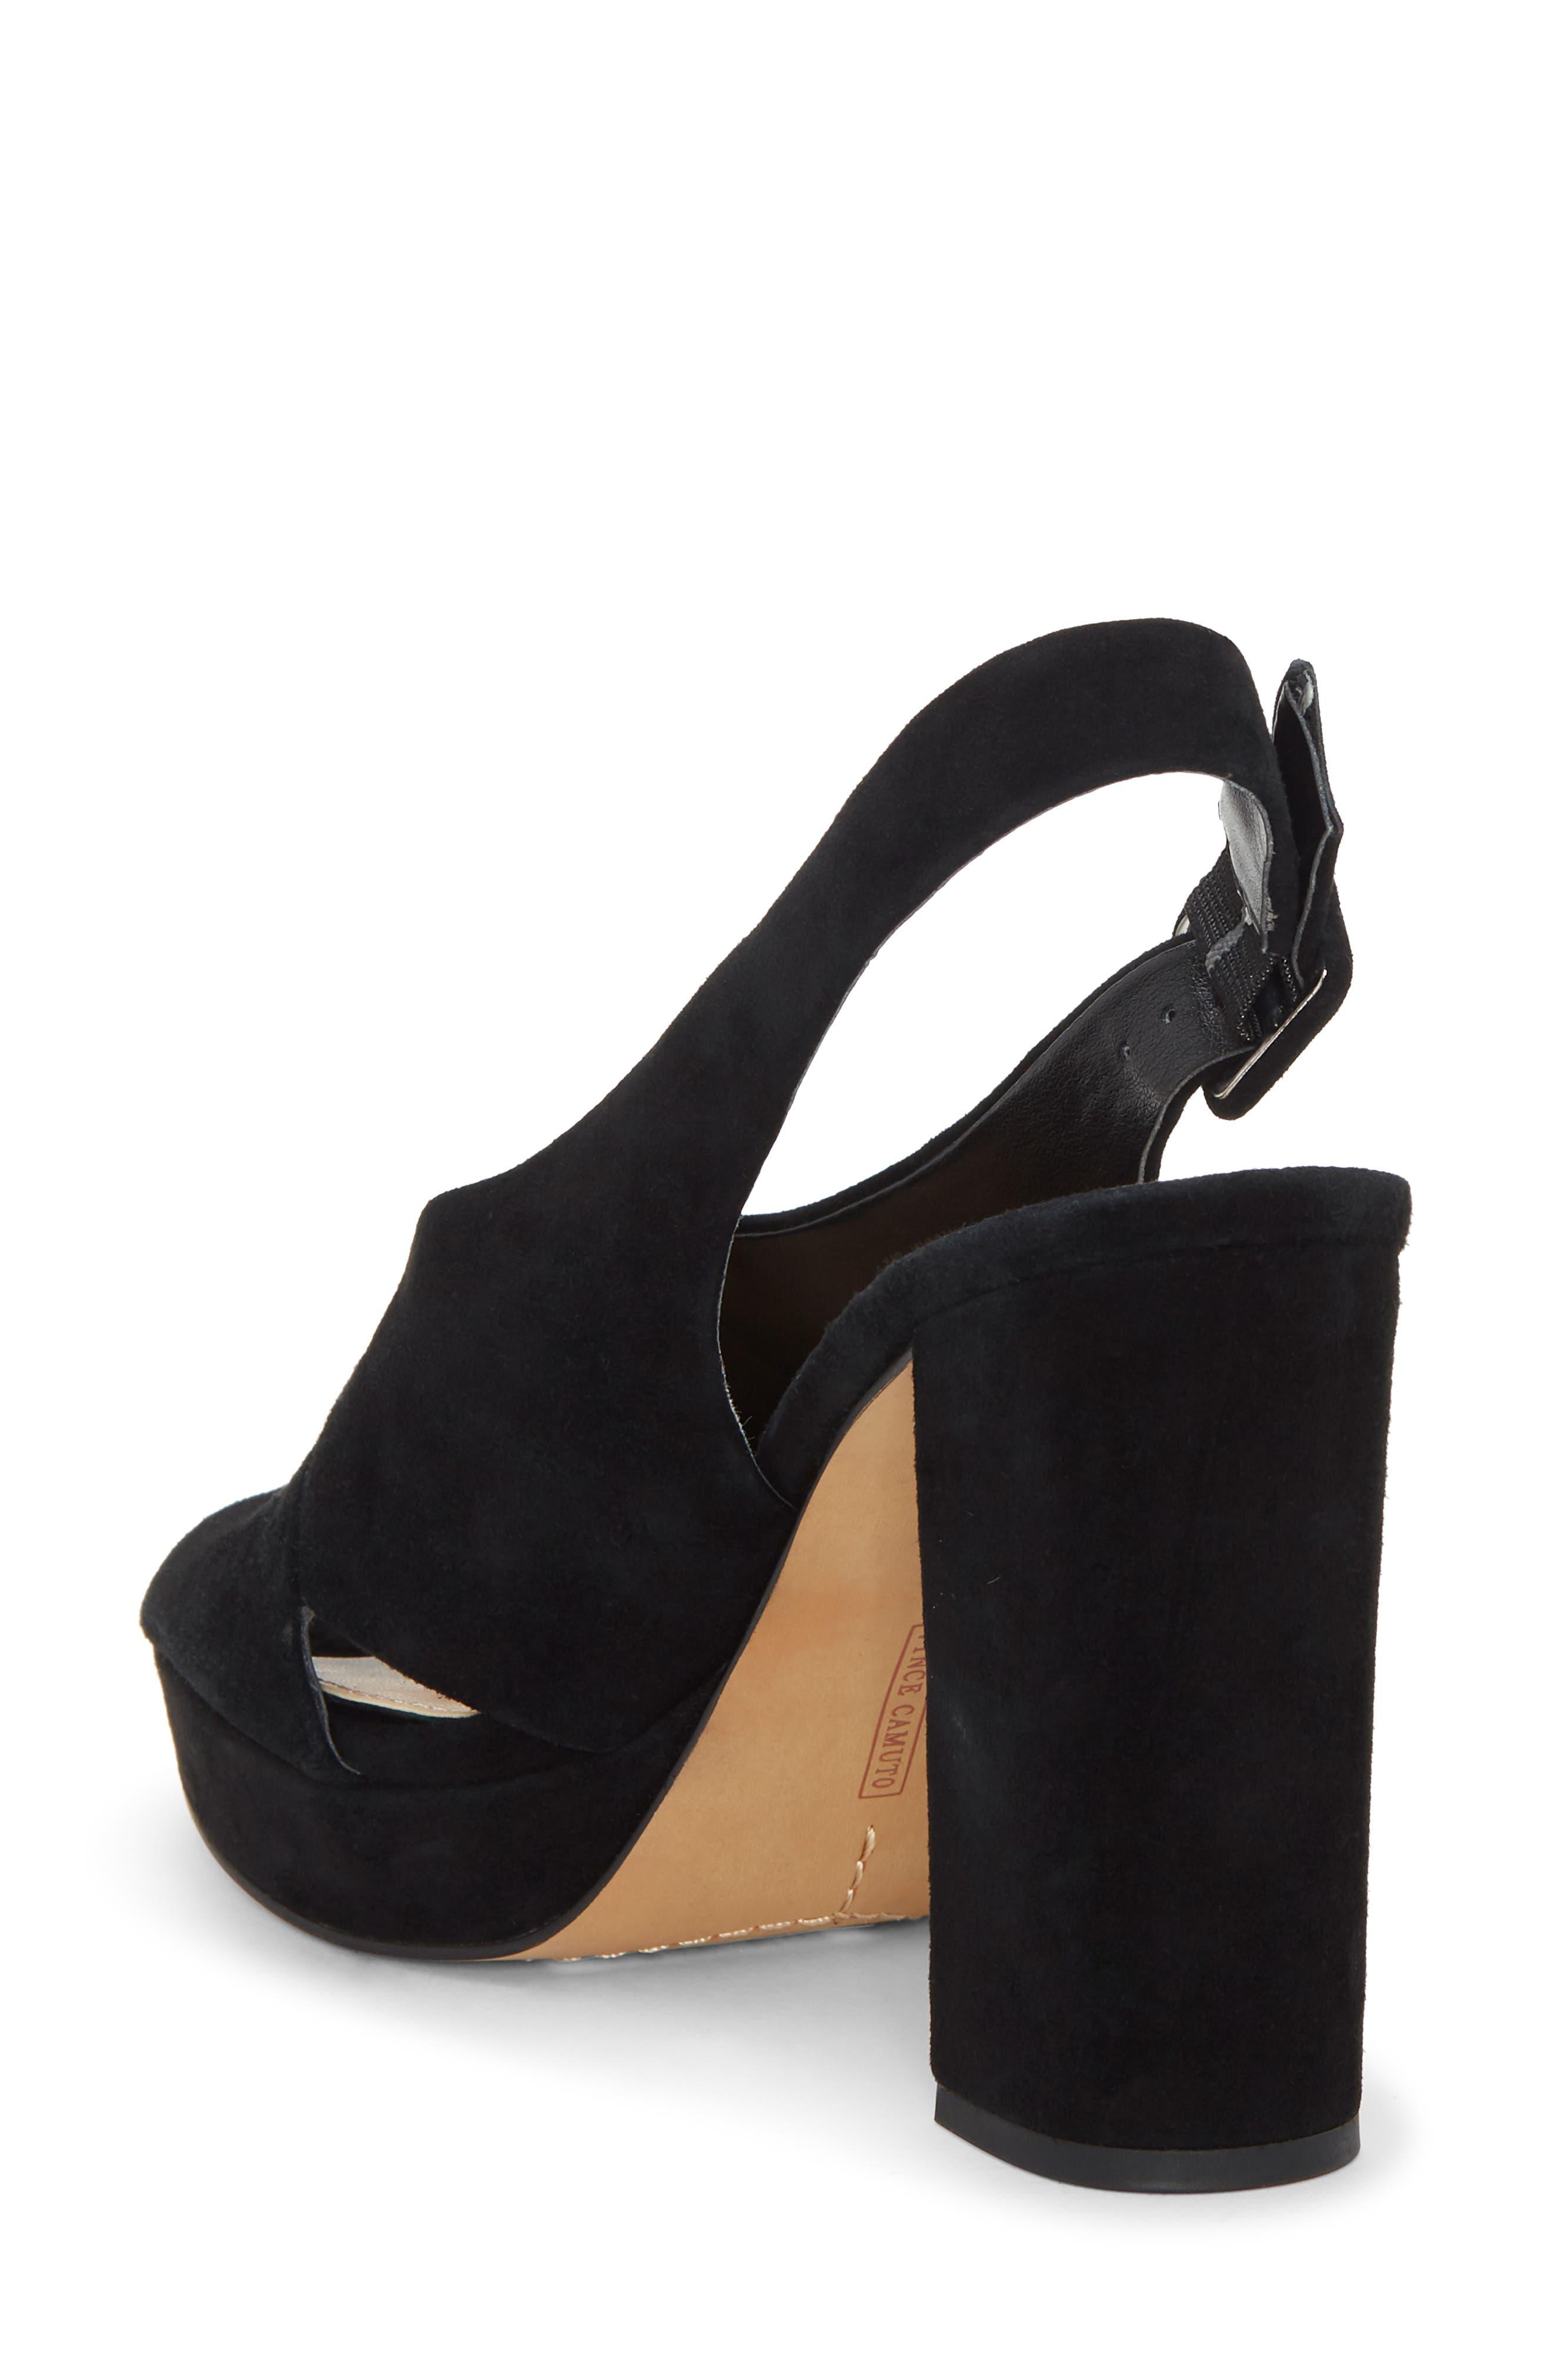 VINCE CAMUTO, Slingback Platform Sandal, Alternate thumbnail 2, color, BLACK 01 SUEDE